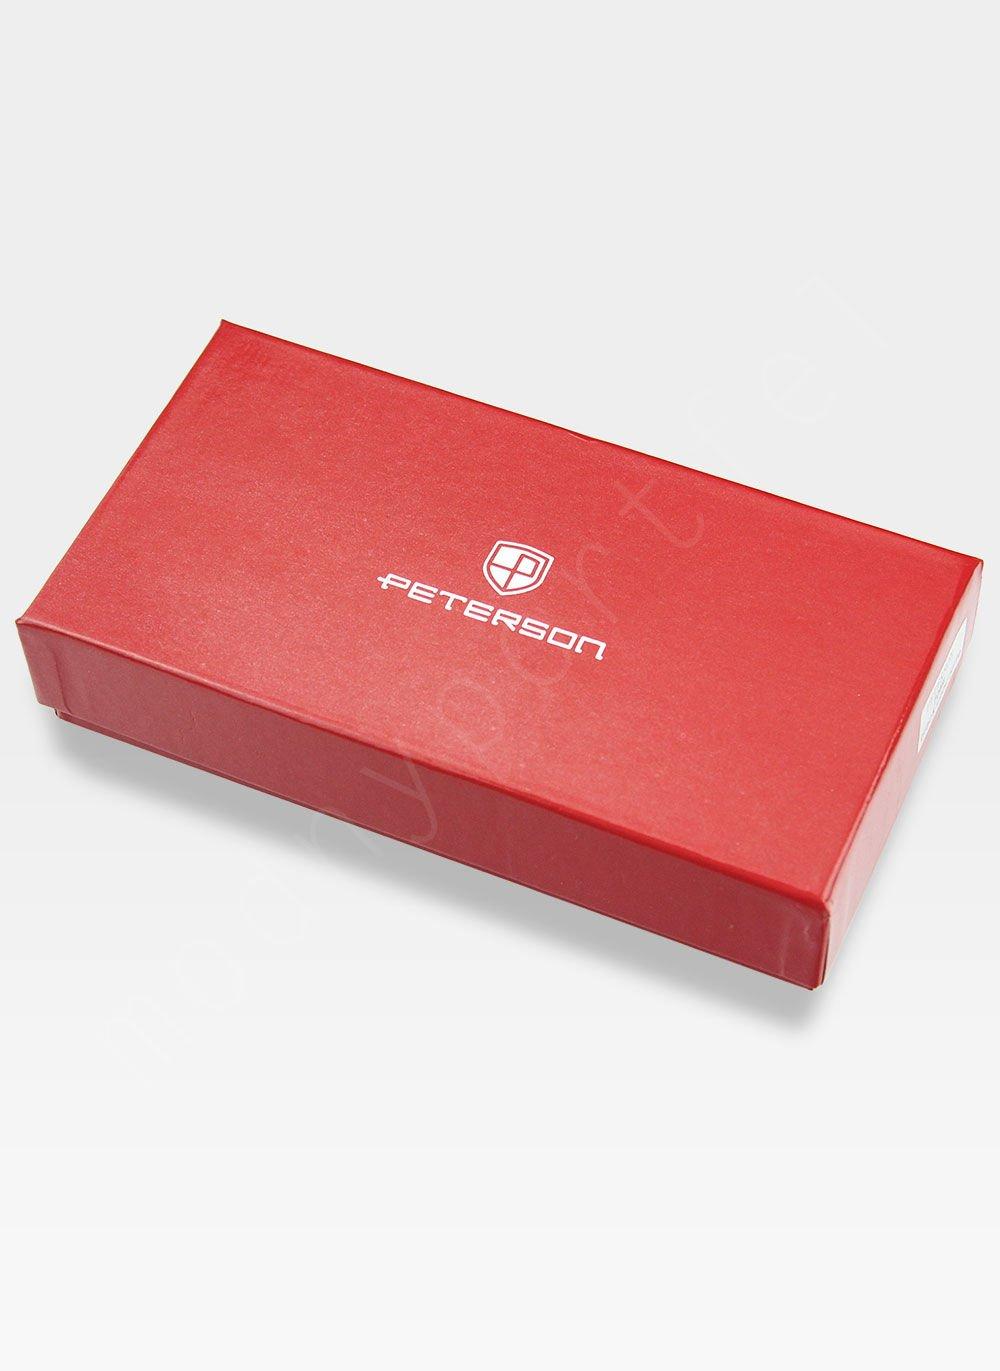 1046f96257a64 Portfel Damski Skórzany PETERSON Pikowany 605 Czerwony 605 12-3-9 ...